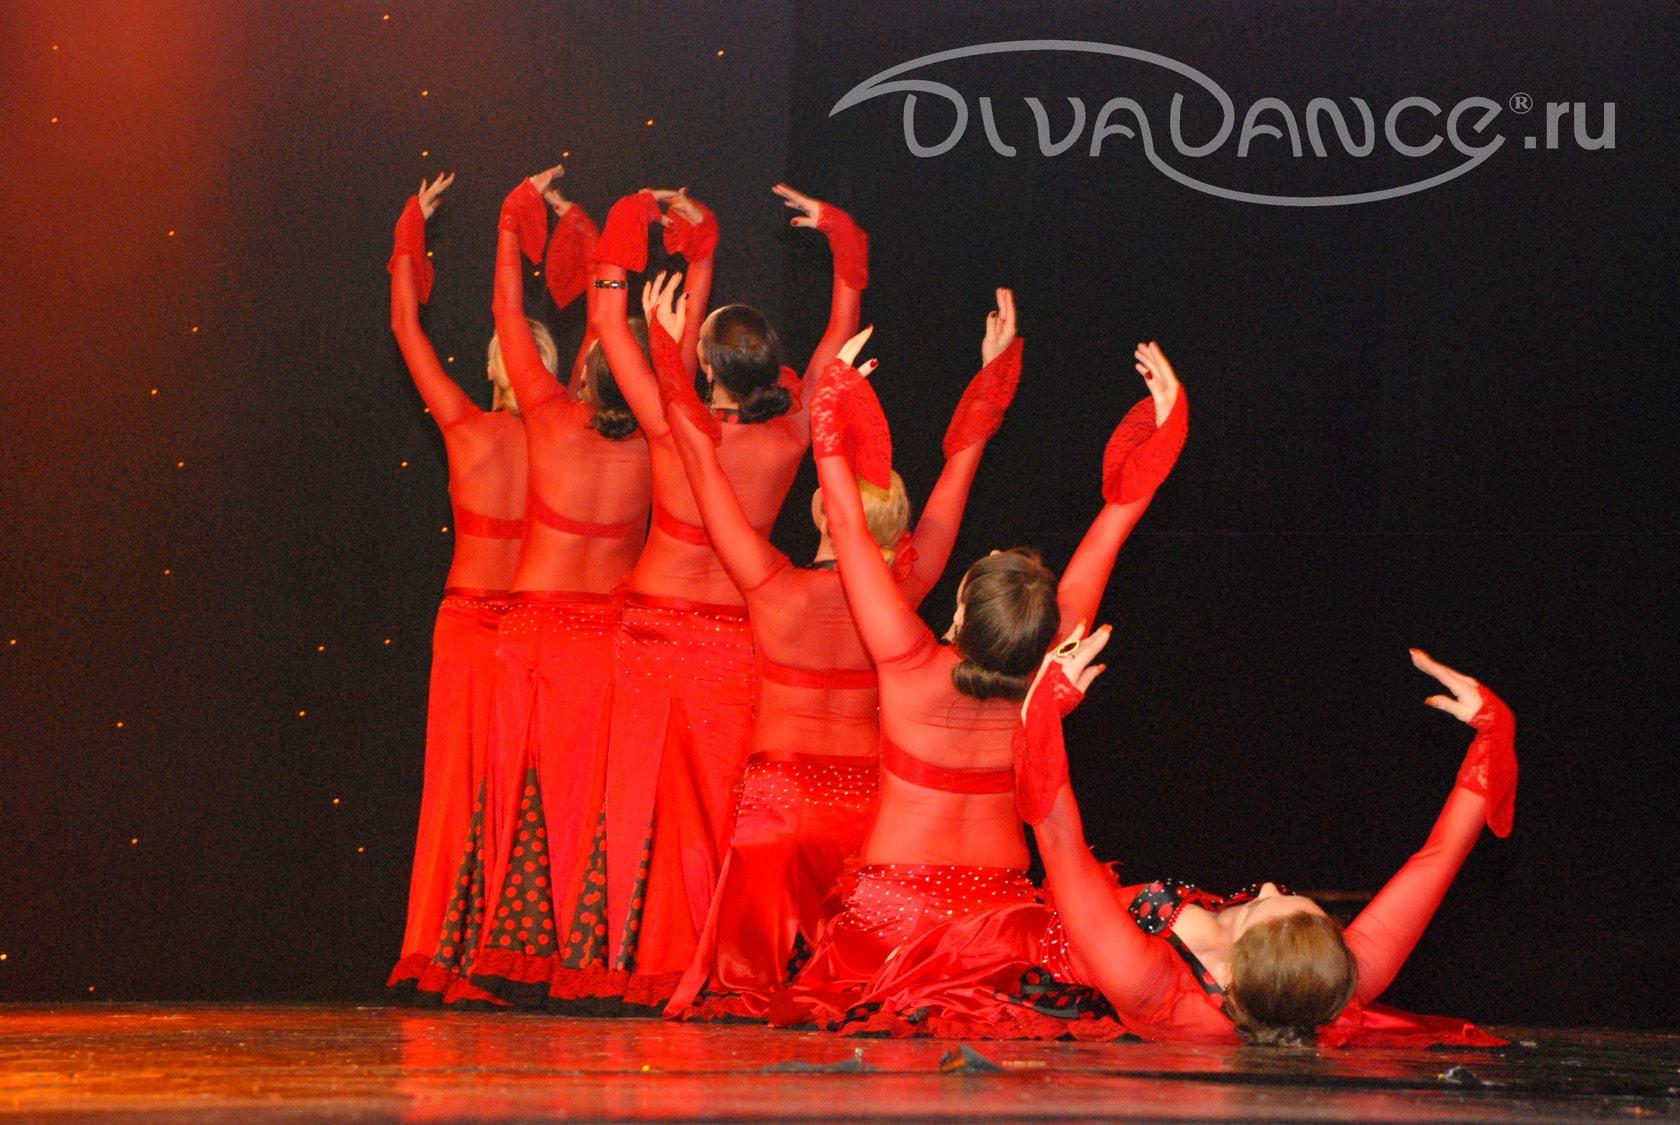 e698ffa00b1 Для костюмов танца живота красный цвет не типичен. Поэтому чаще  используется в необычных и современных нарядах.